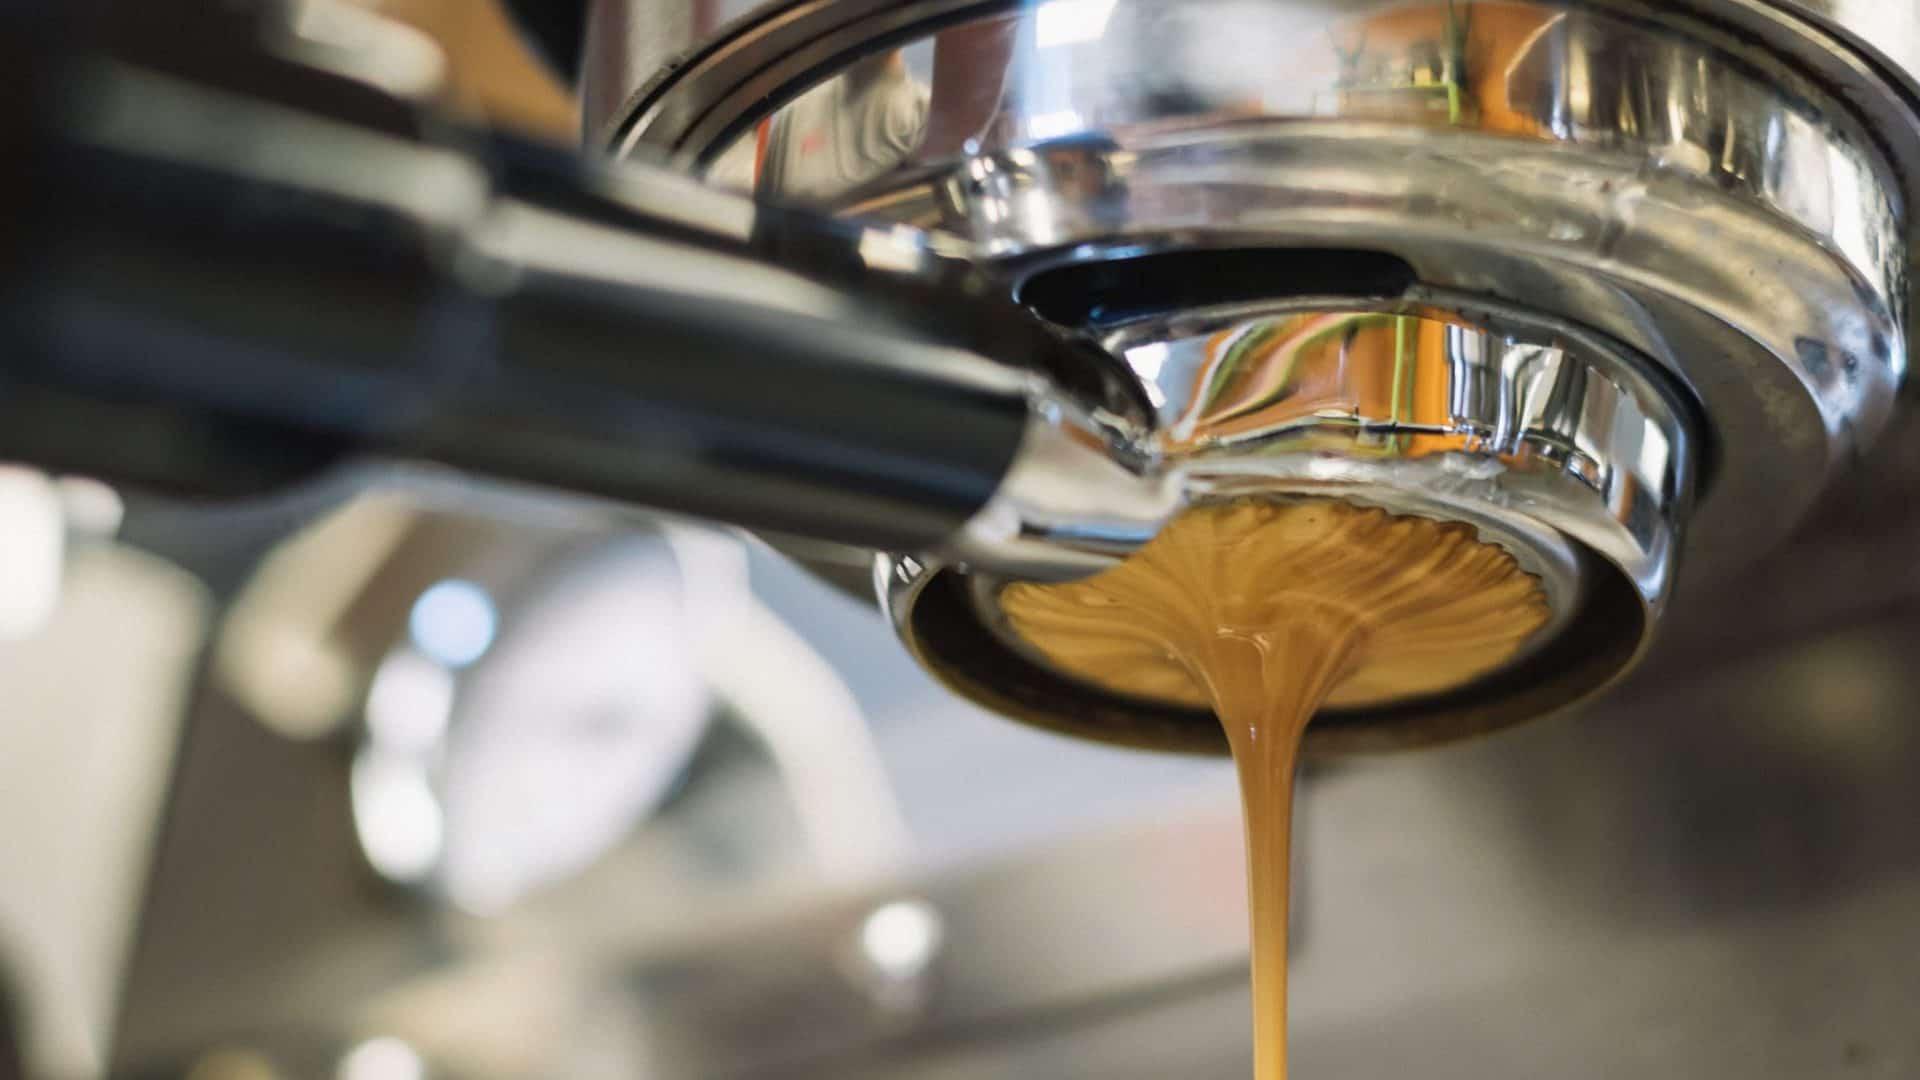 Koffiecrema onder koffiepiston